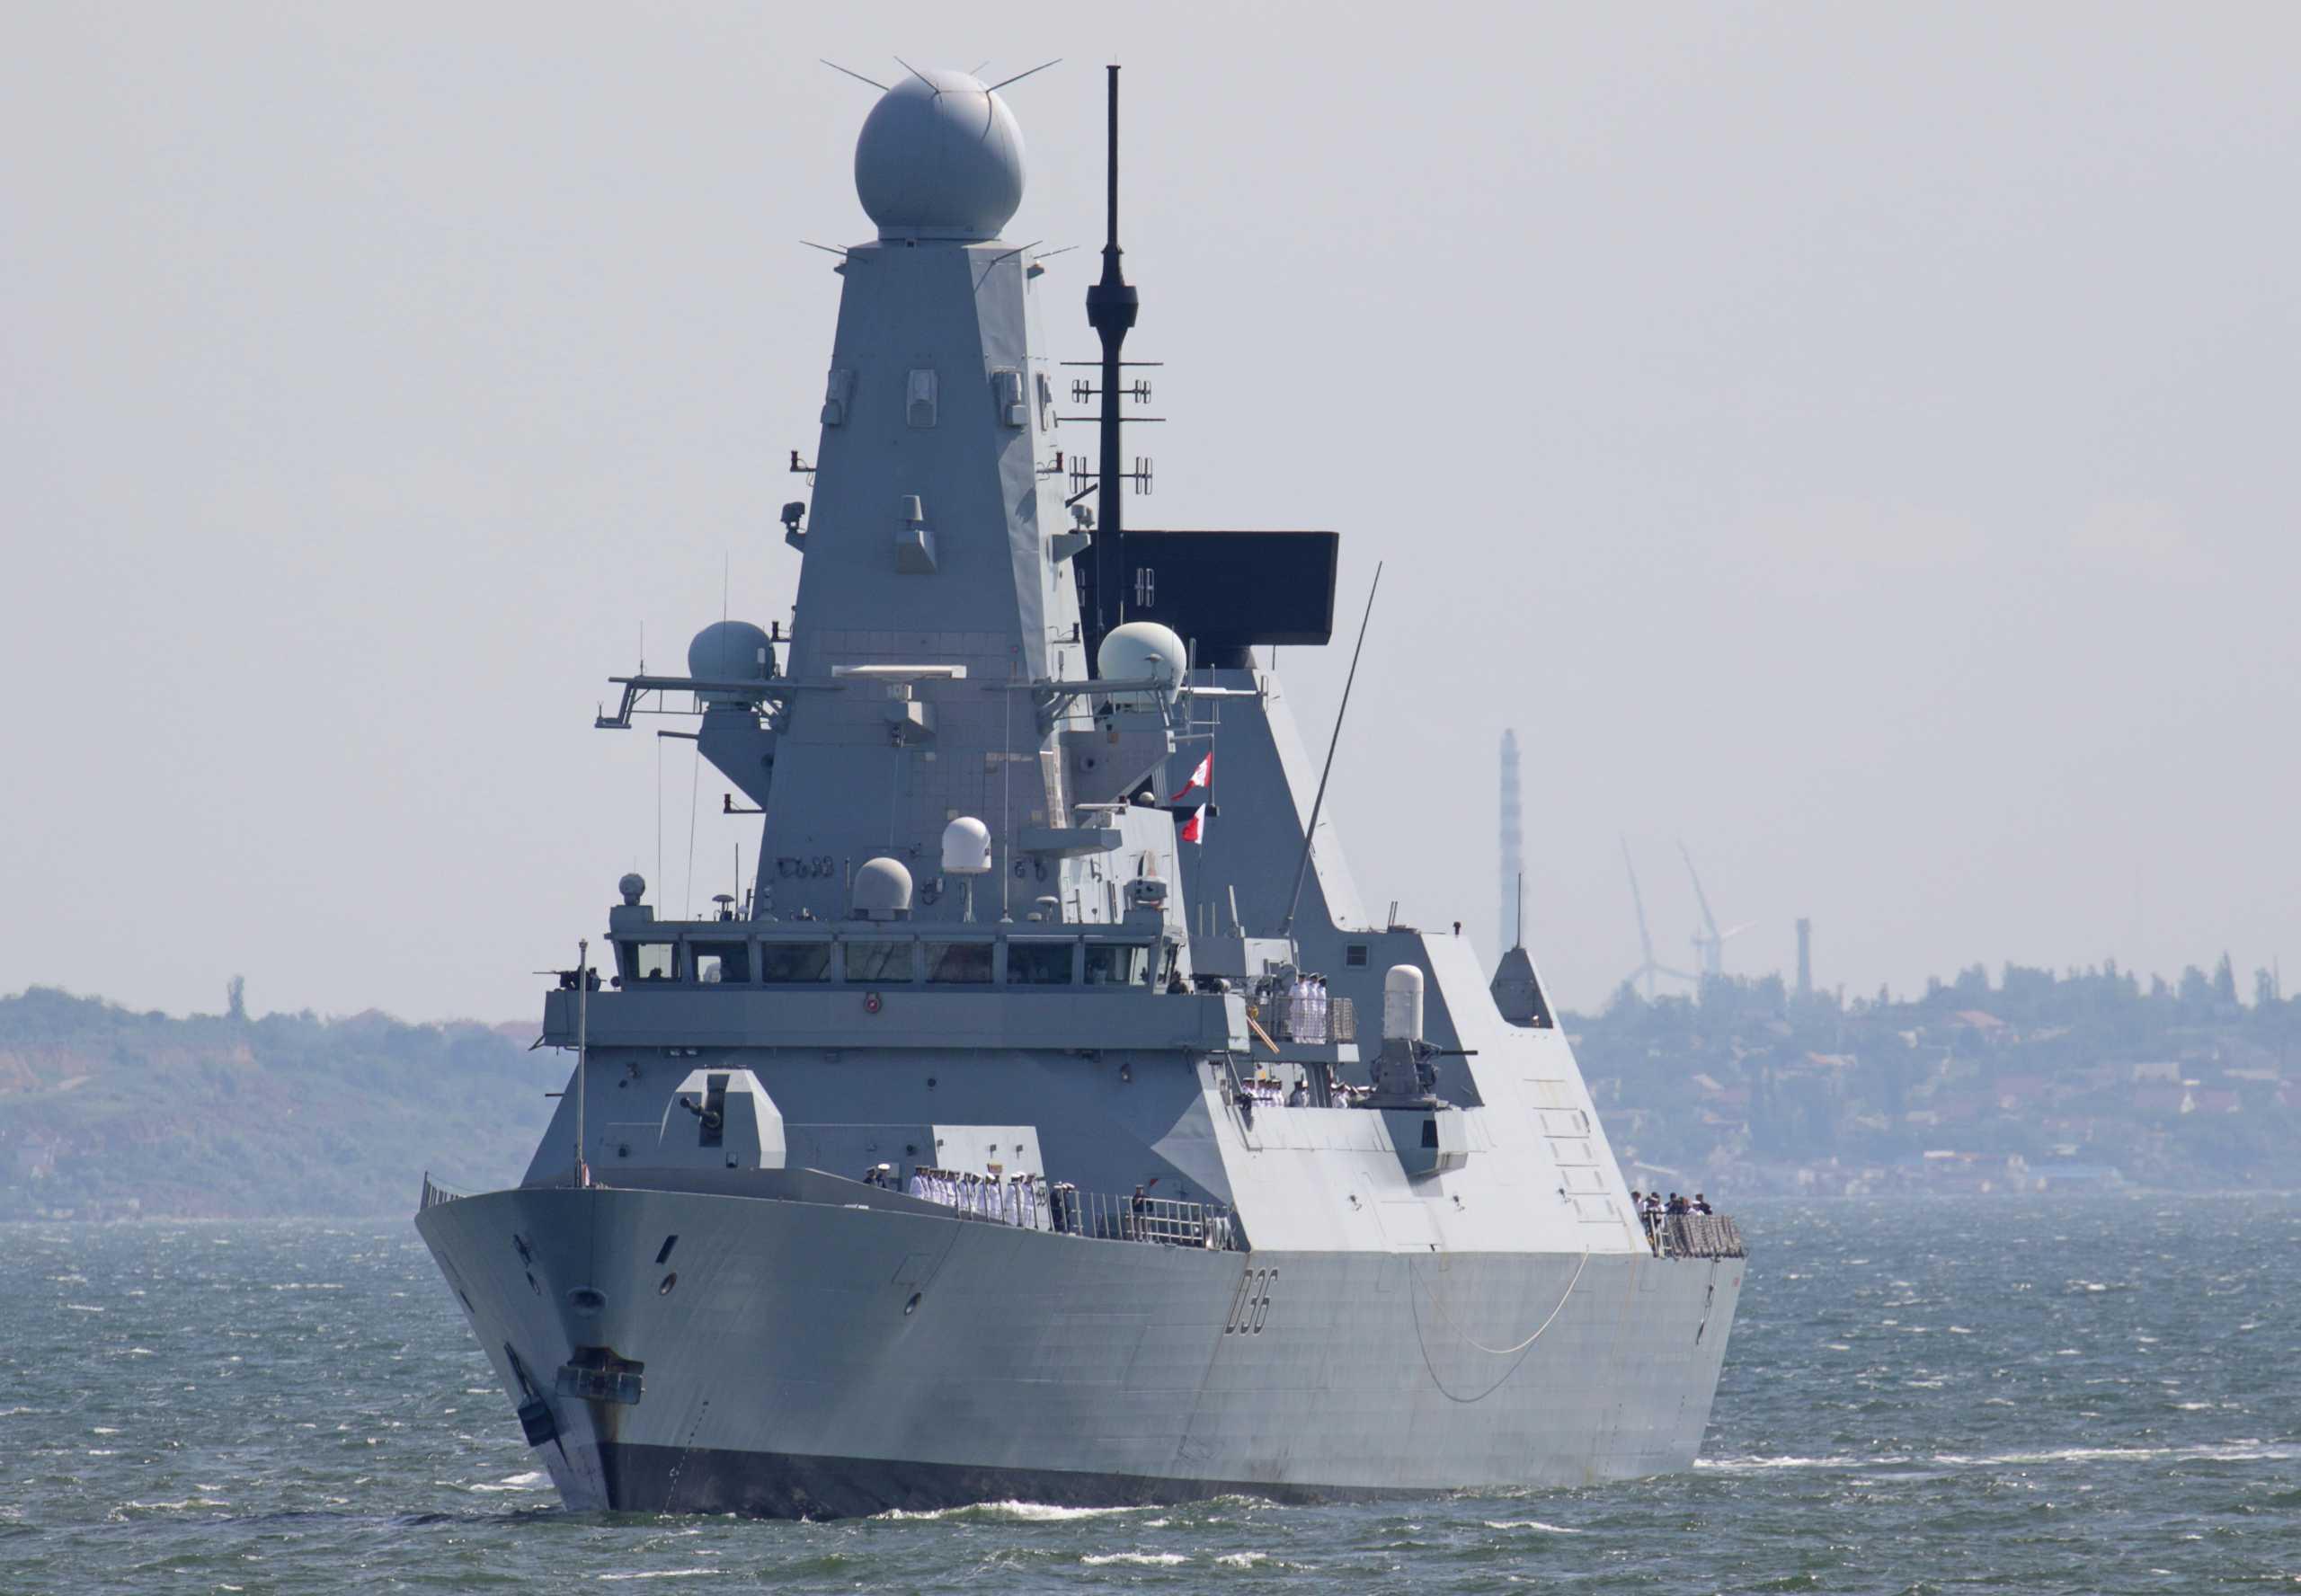 Λονδίνο διαψεύδει Μόσχα: Ούτε πυρά, ούτε βόμβες εναντίον του πλοίου μας στη Βόρεια Θάλασσα